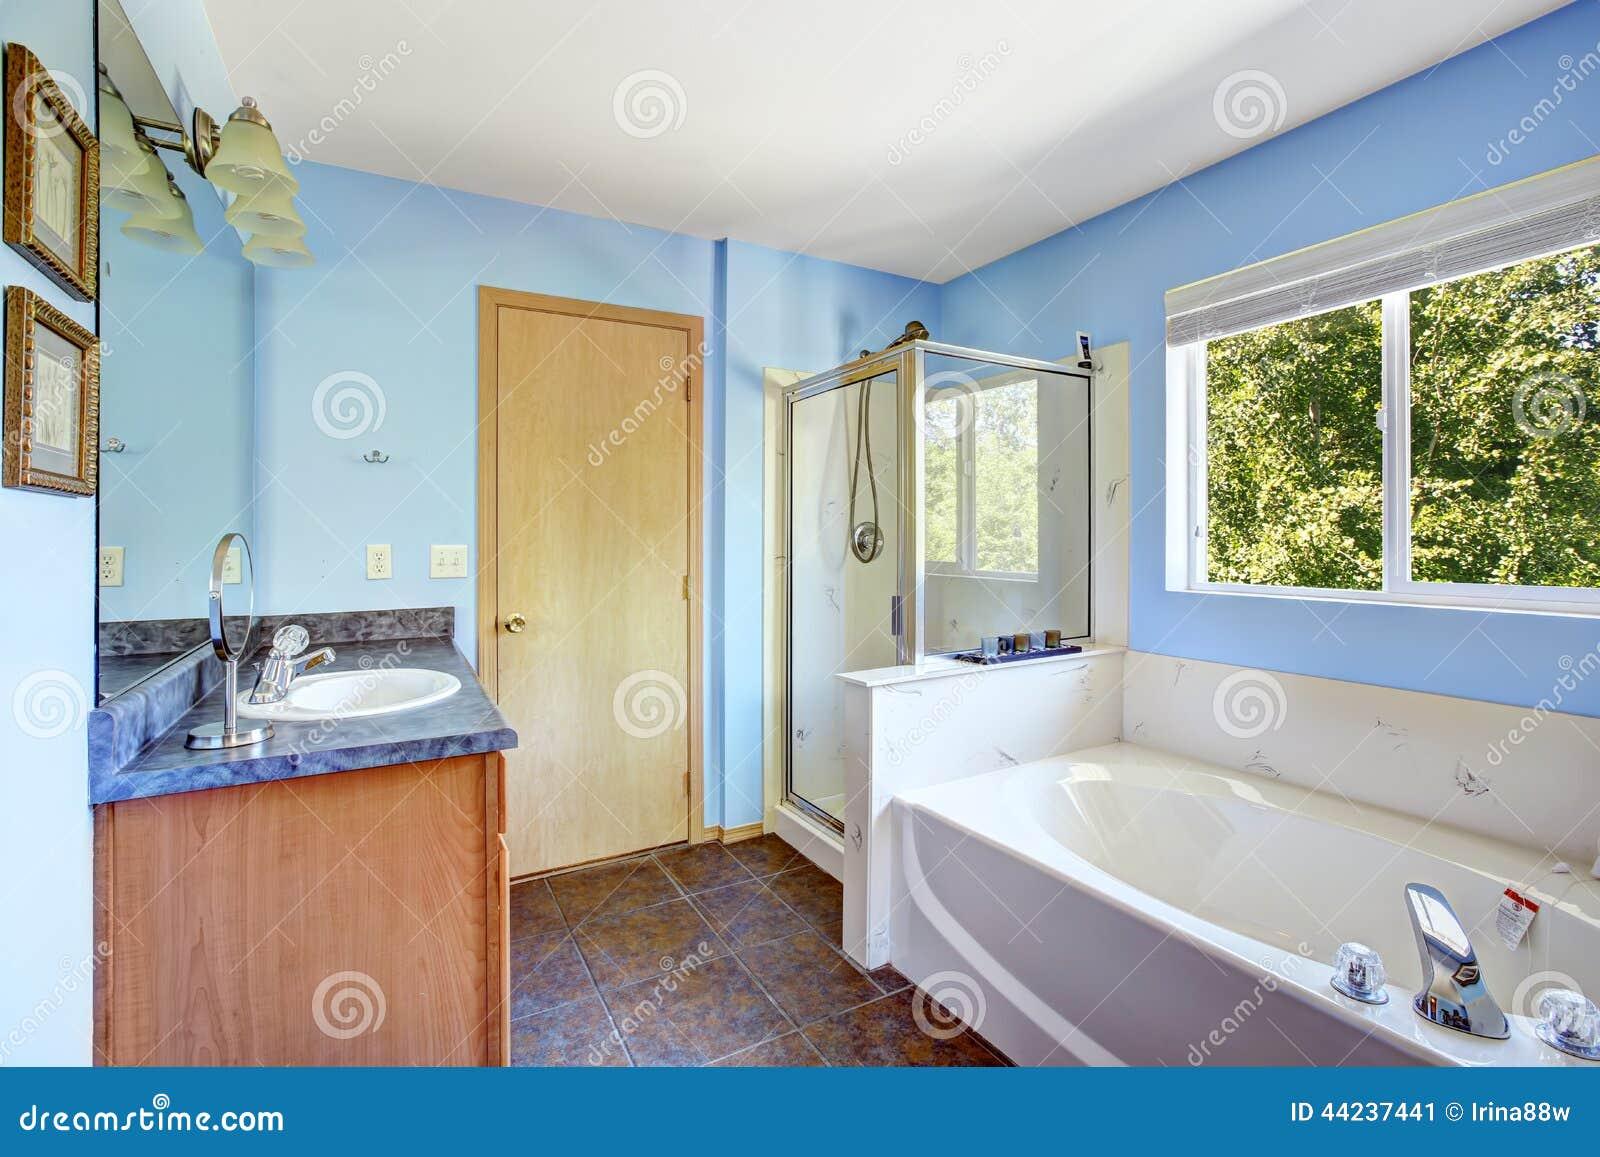 Salle De Bains Très Lumineuse Dans La Couleur Bleu-clair ...